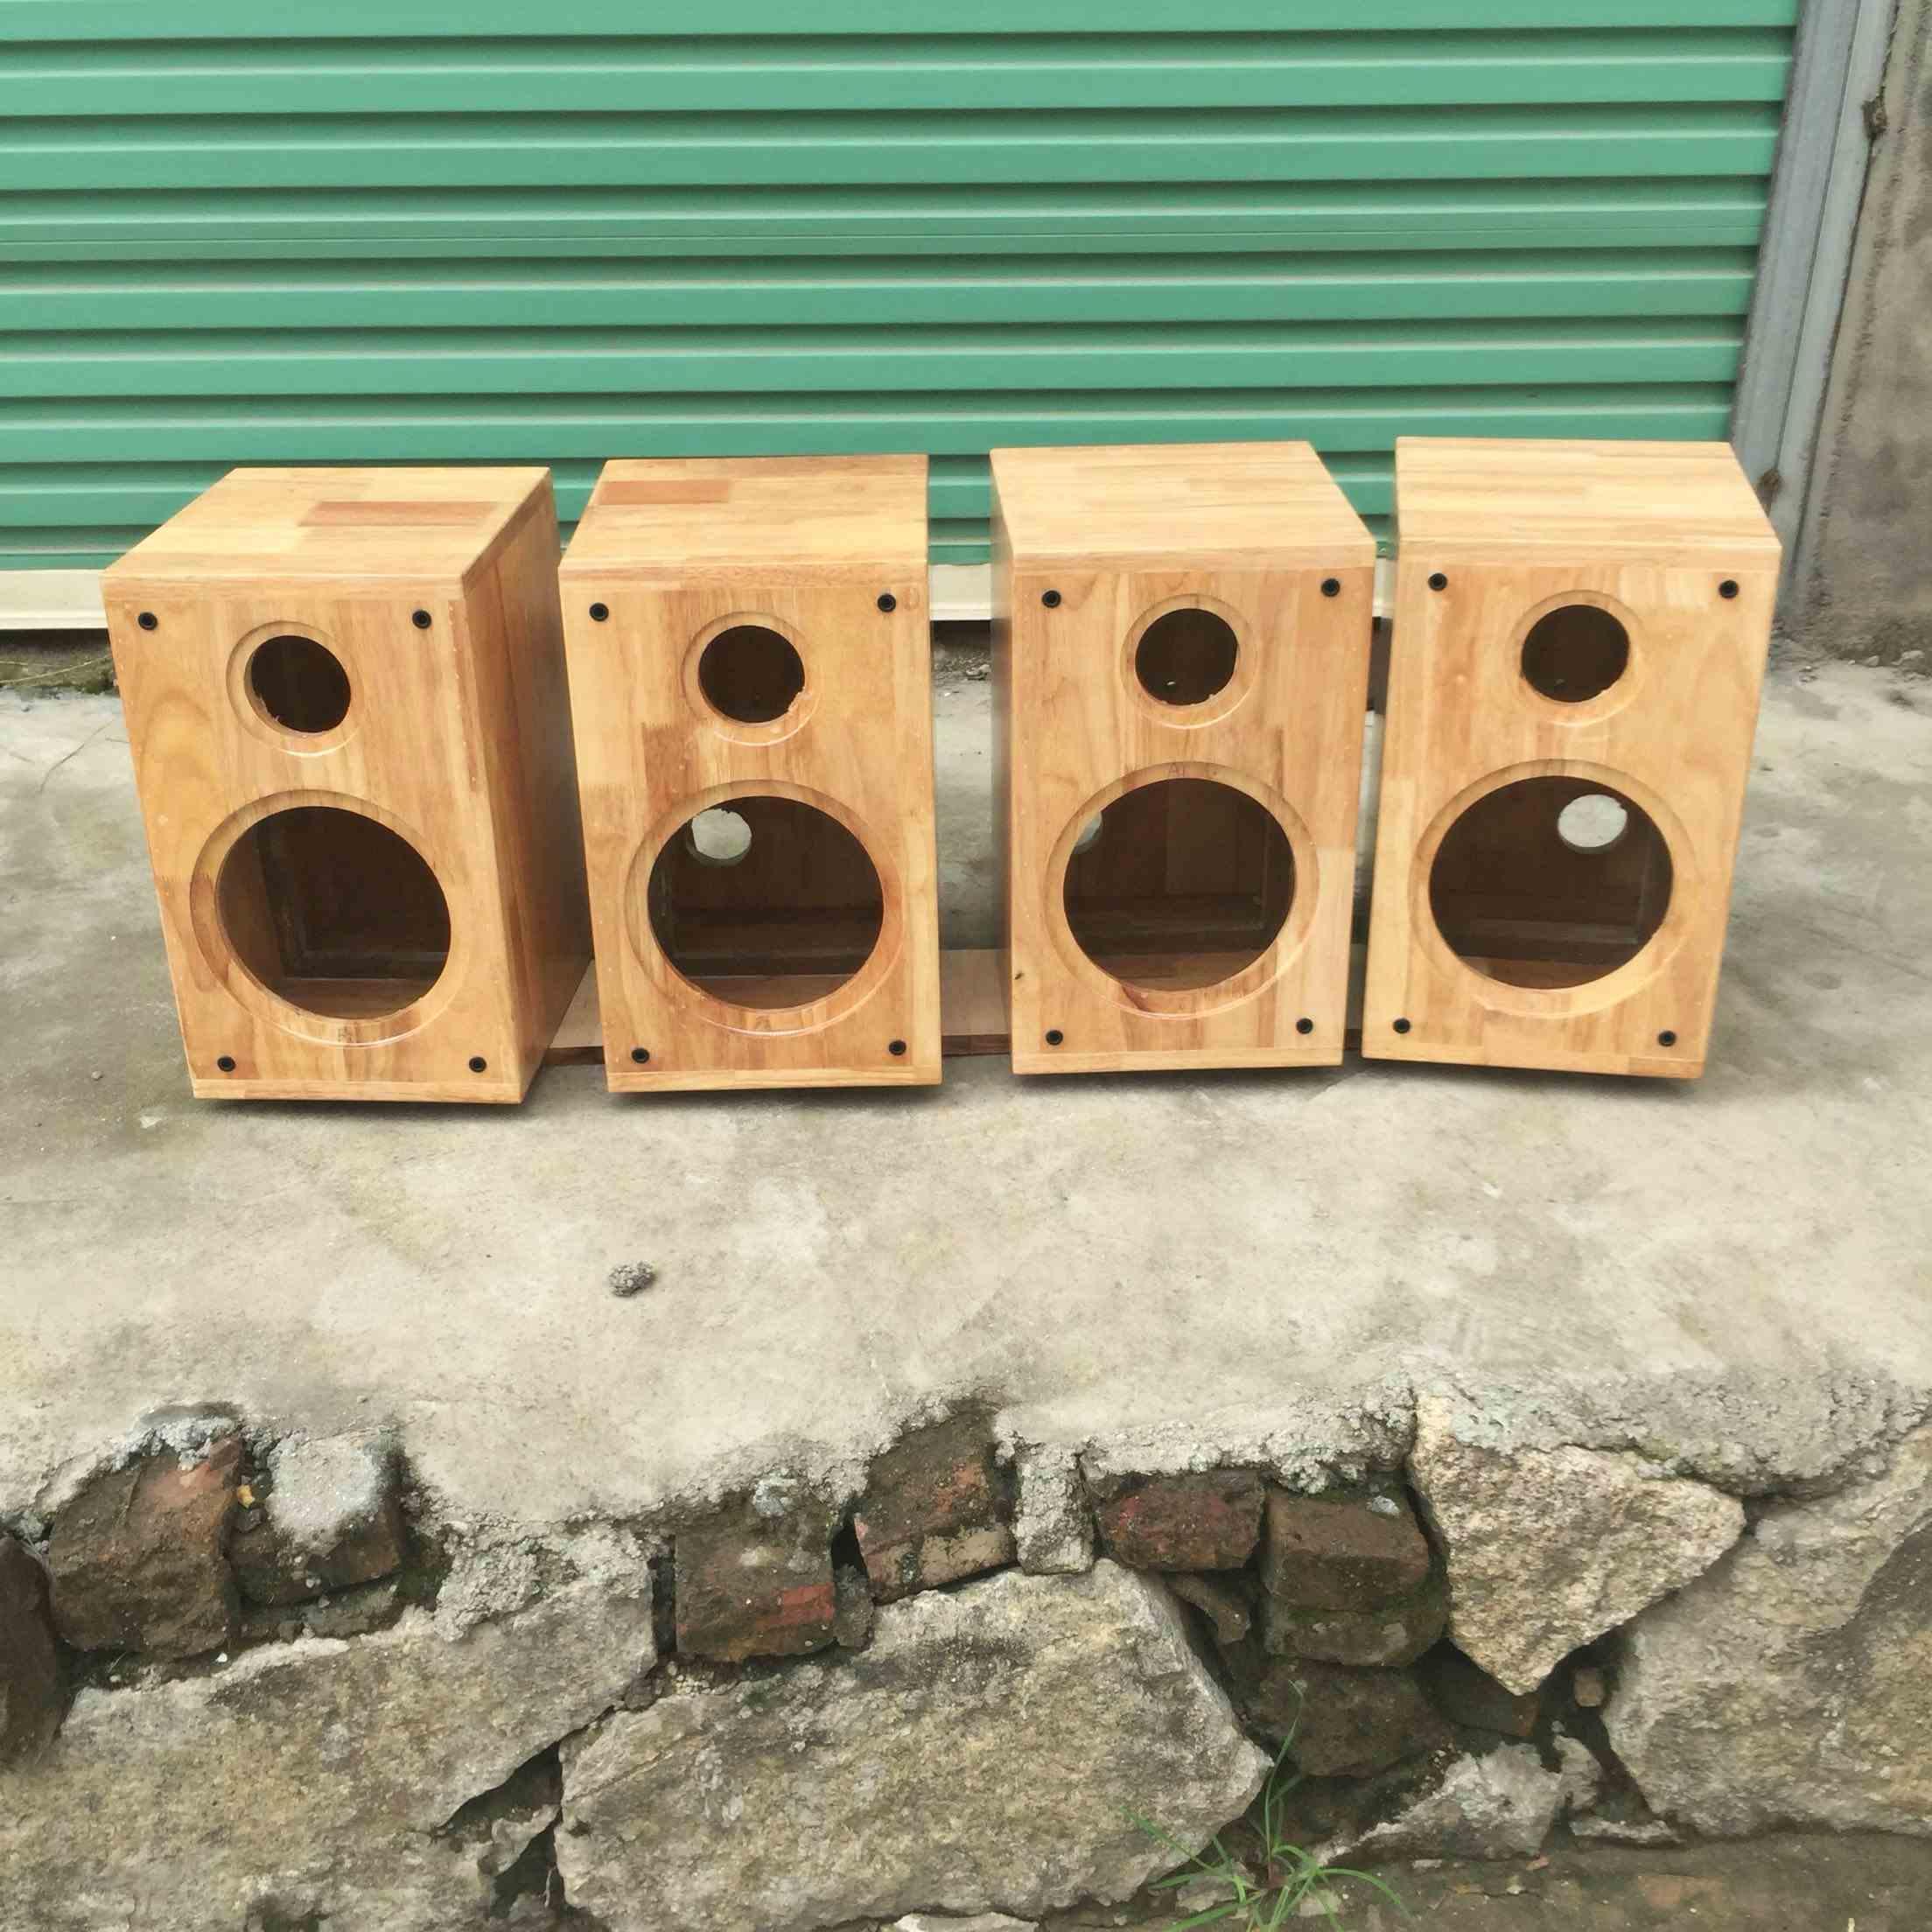 6 . 5寸本棚のスピーカーの木の箱